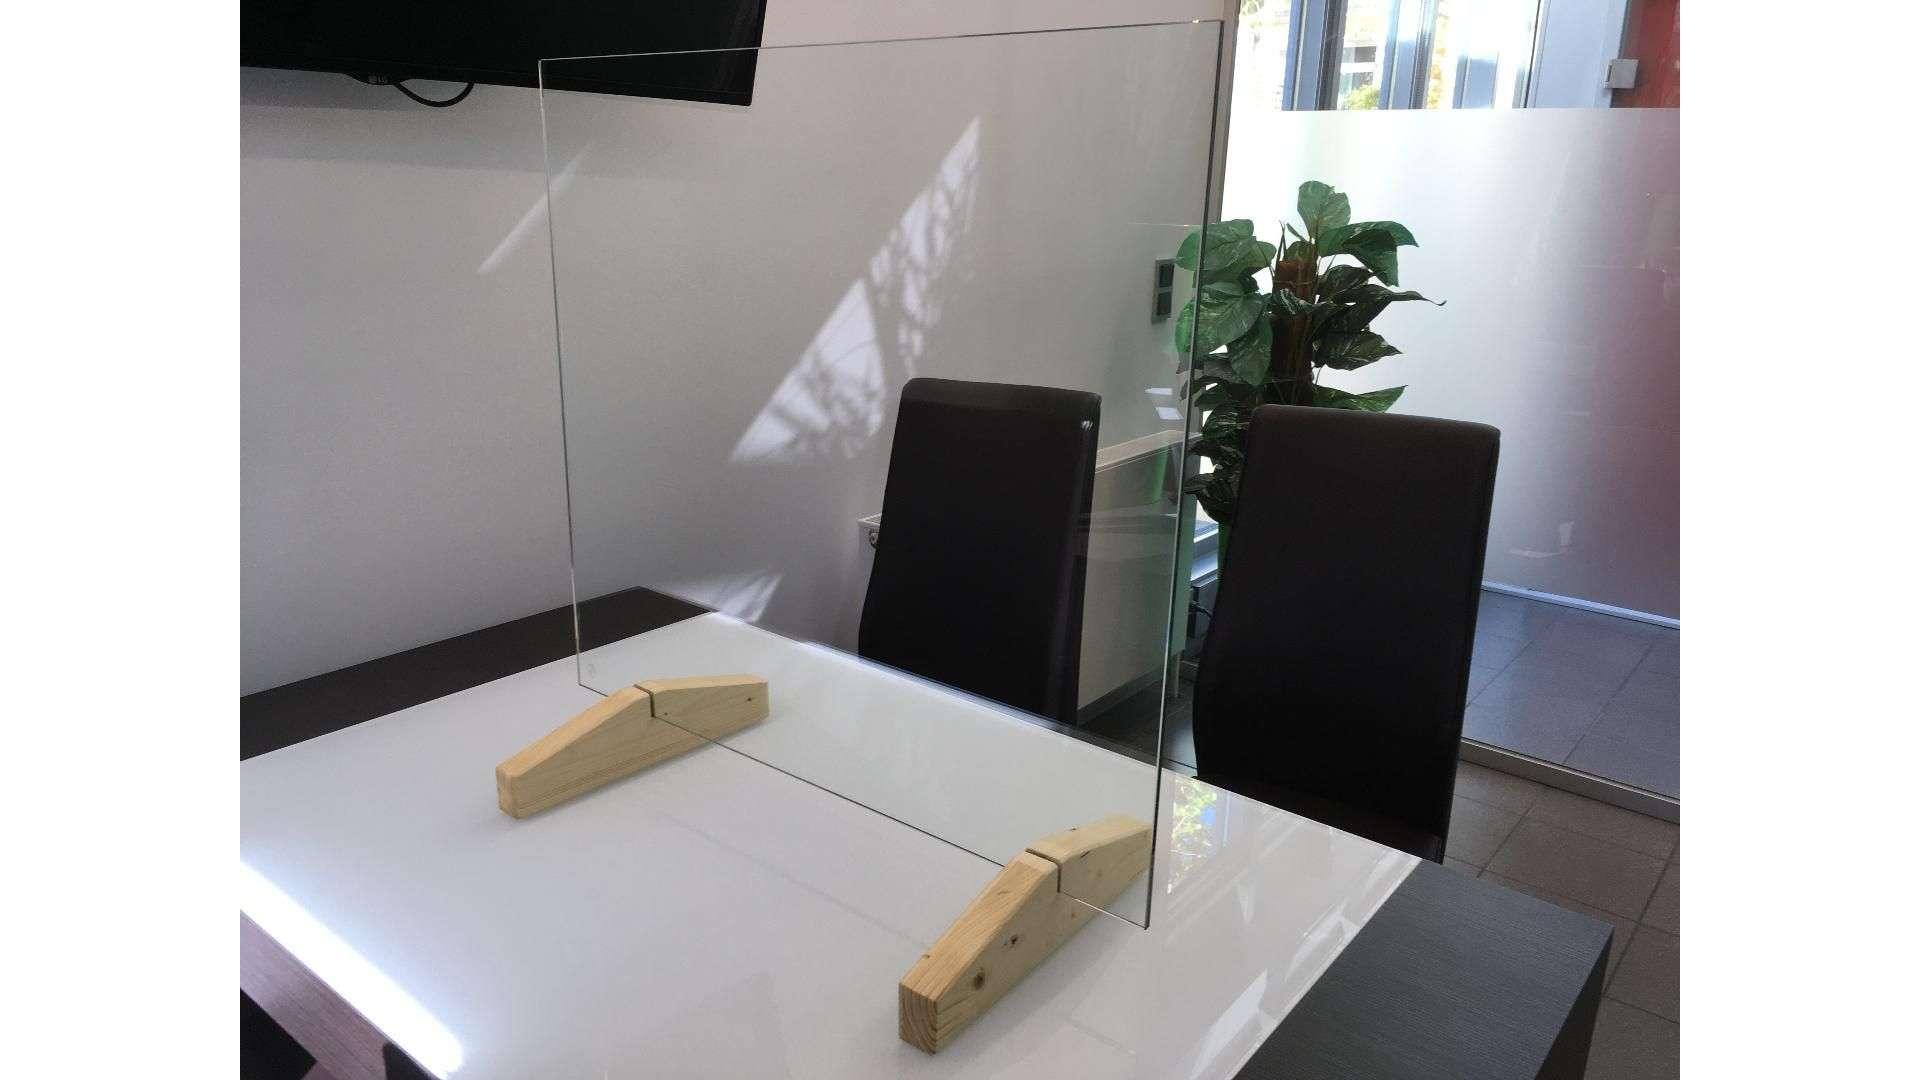 Spuckschutz auf einem Tisch